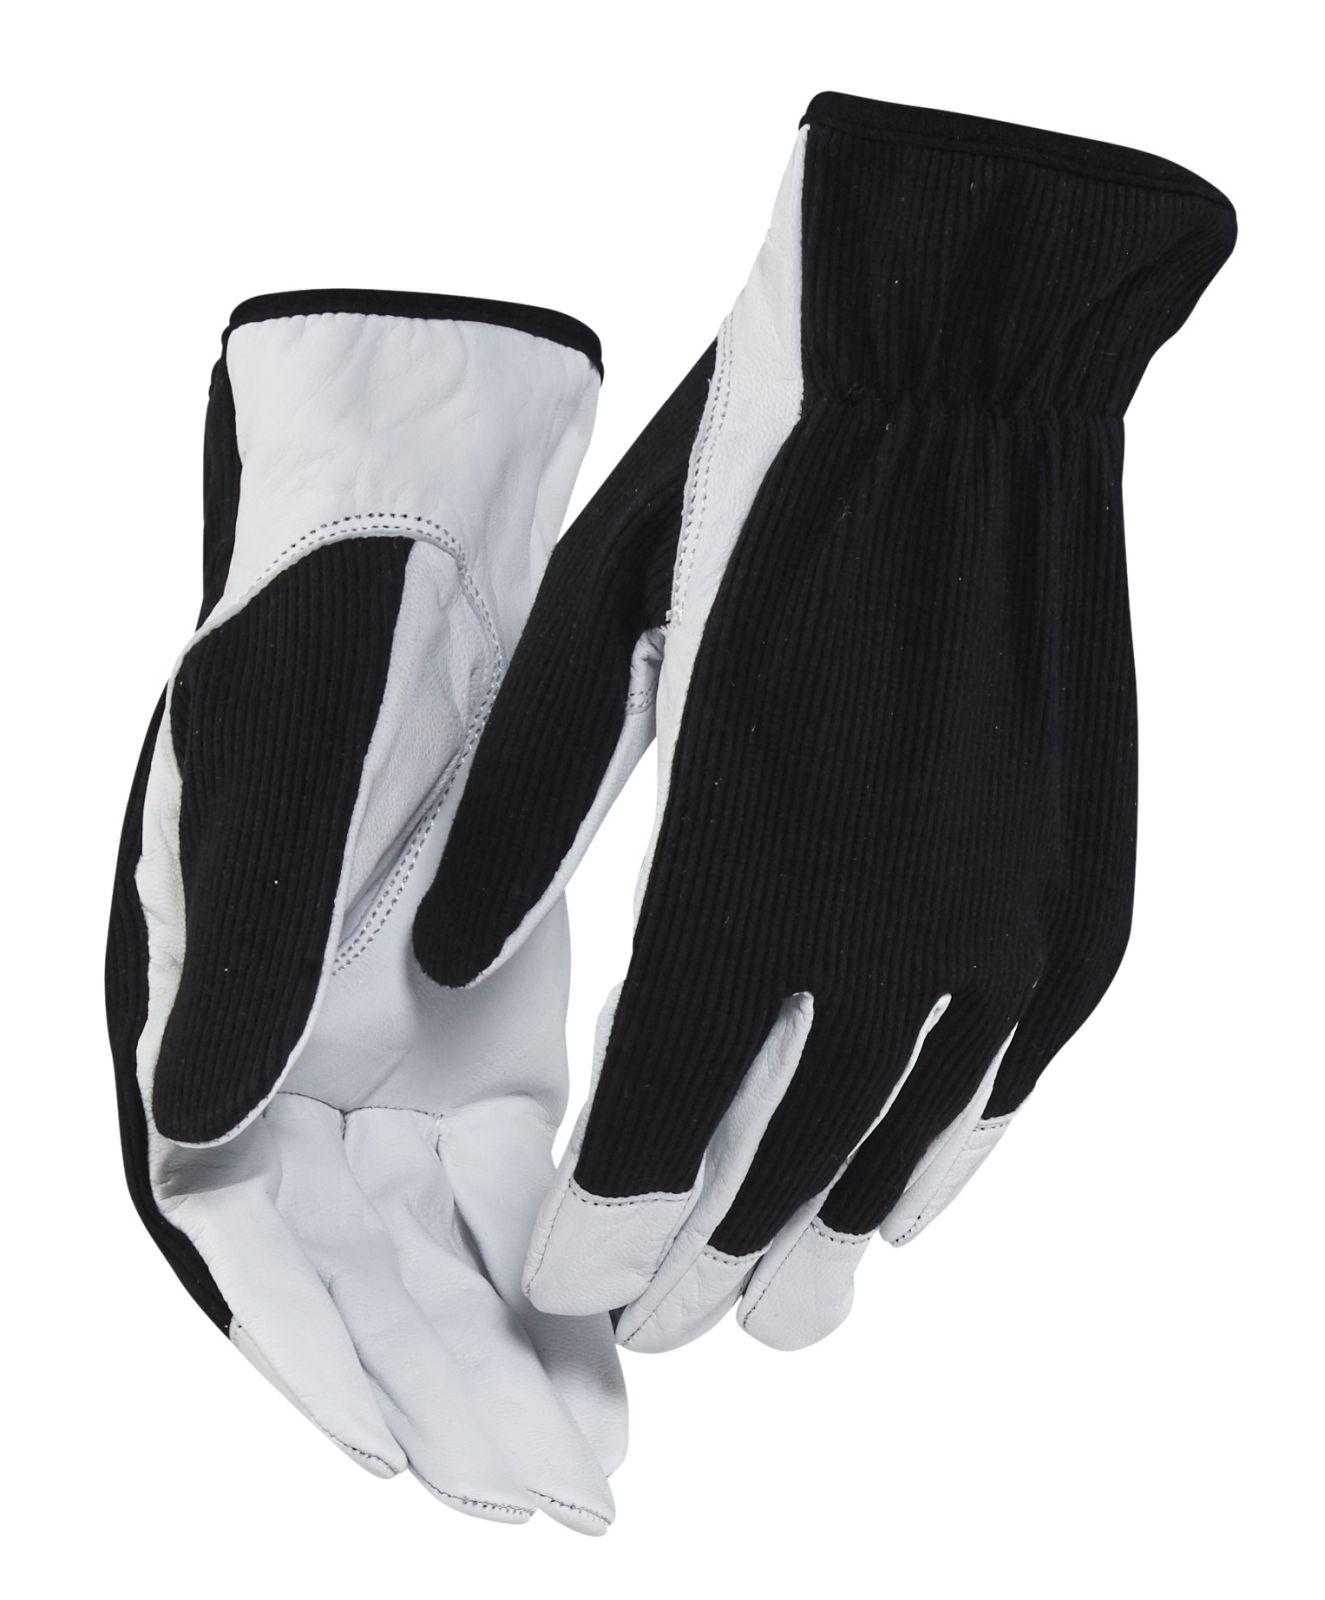 Blaklader Handschoenen 22763910 zwart-wit(9910)